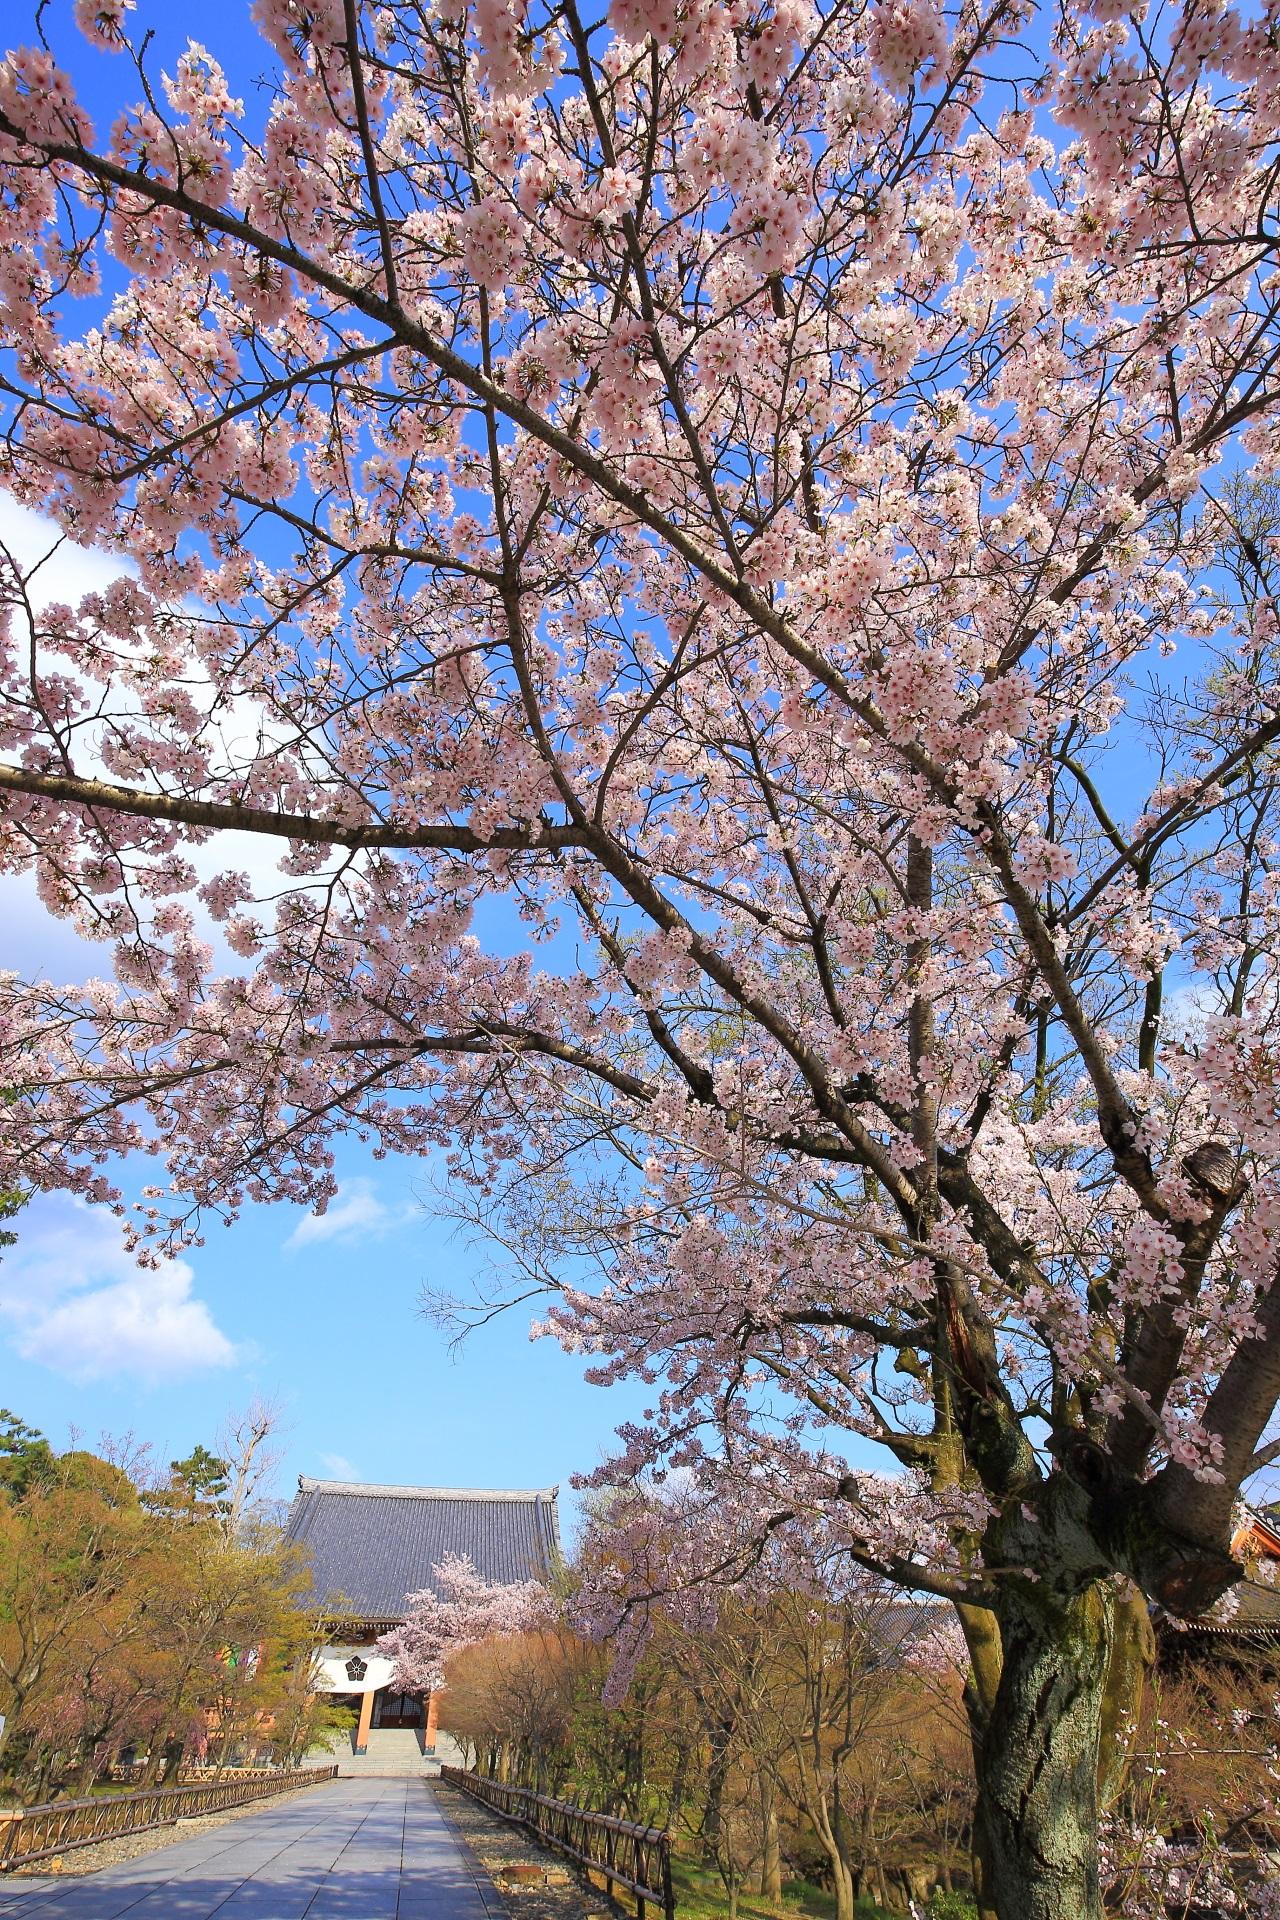 智積院の素晴らしい桜と春の情景